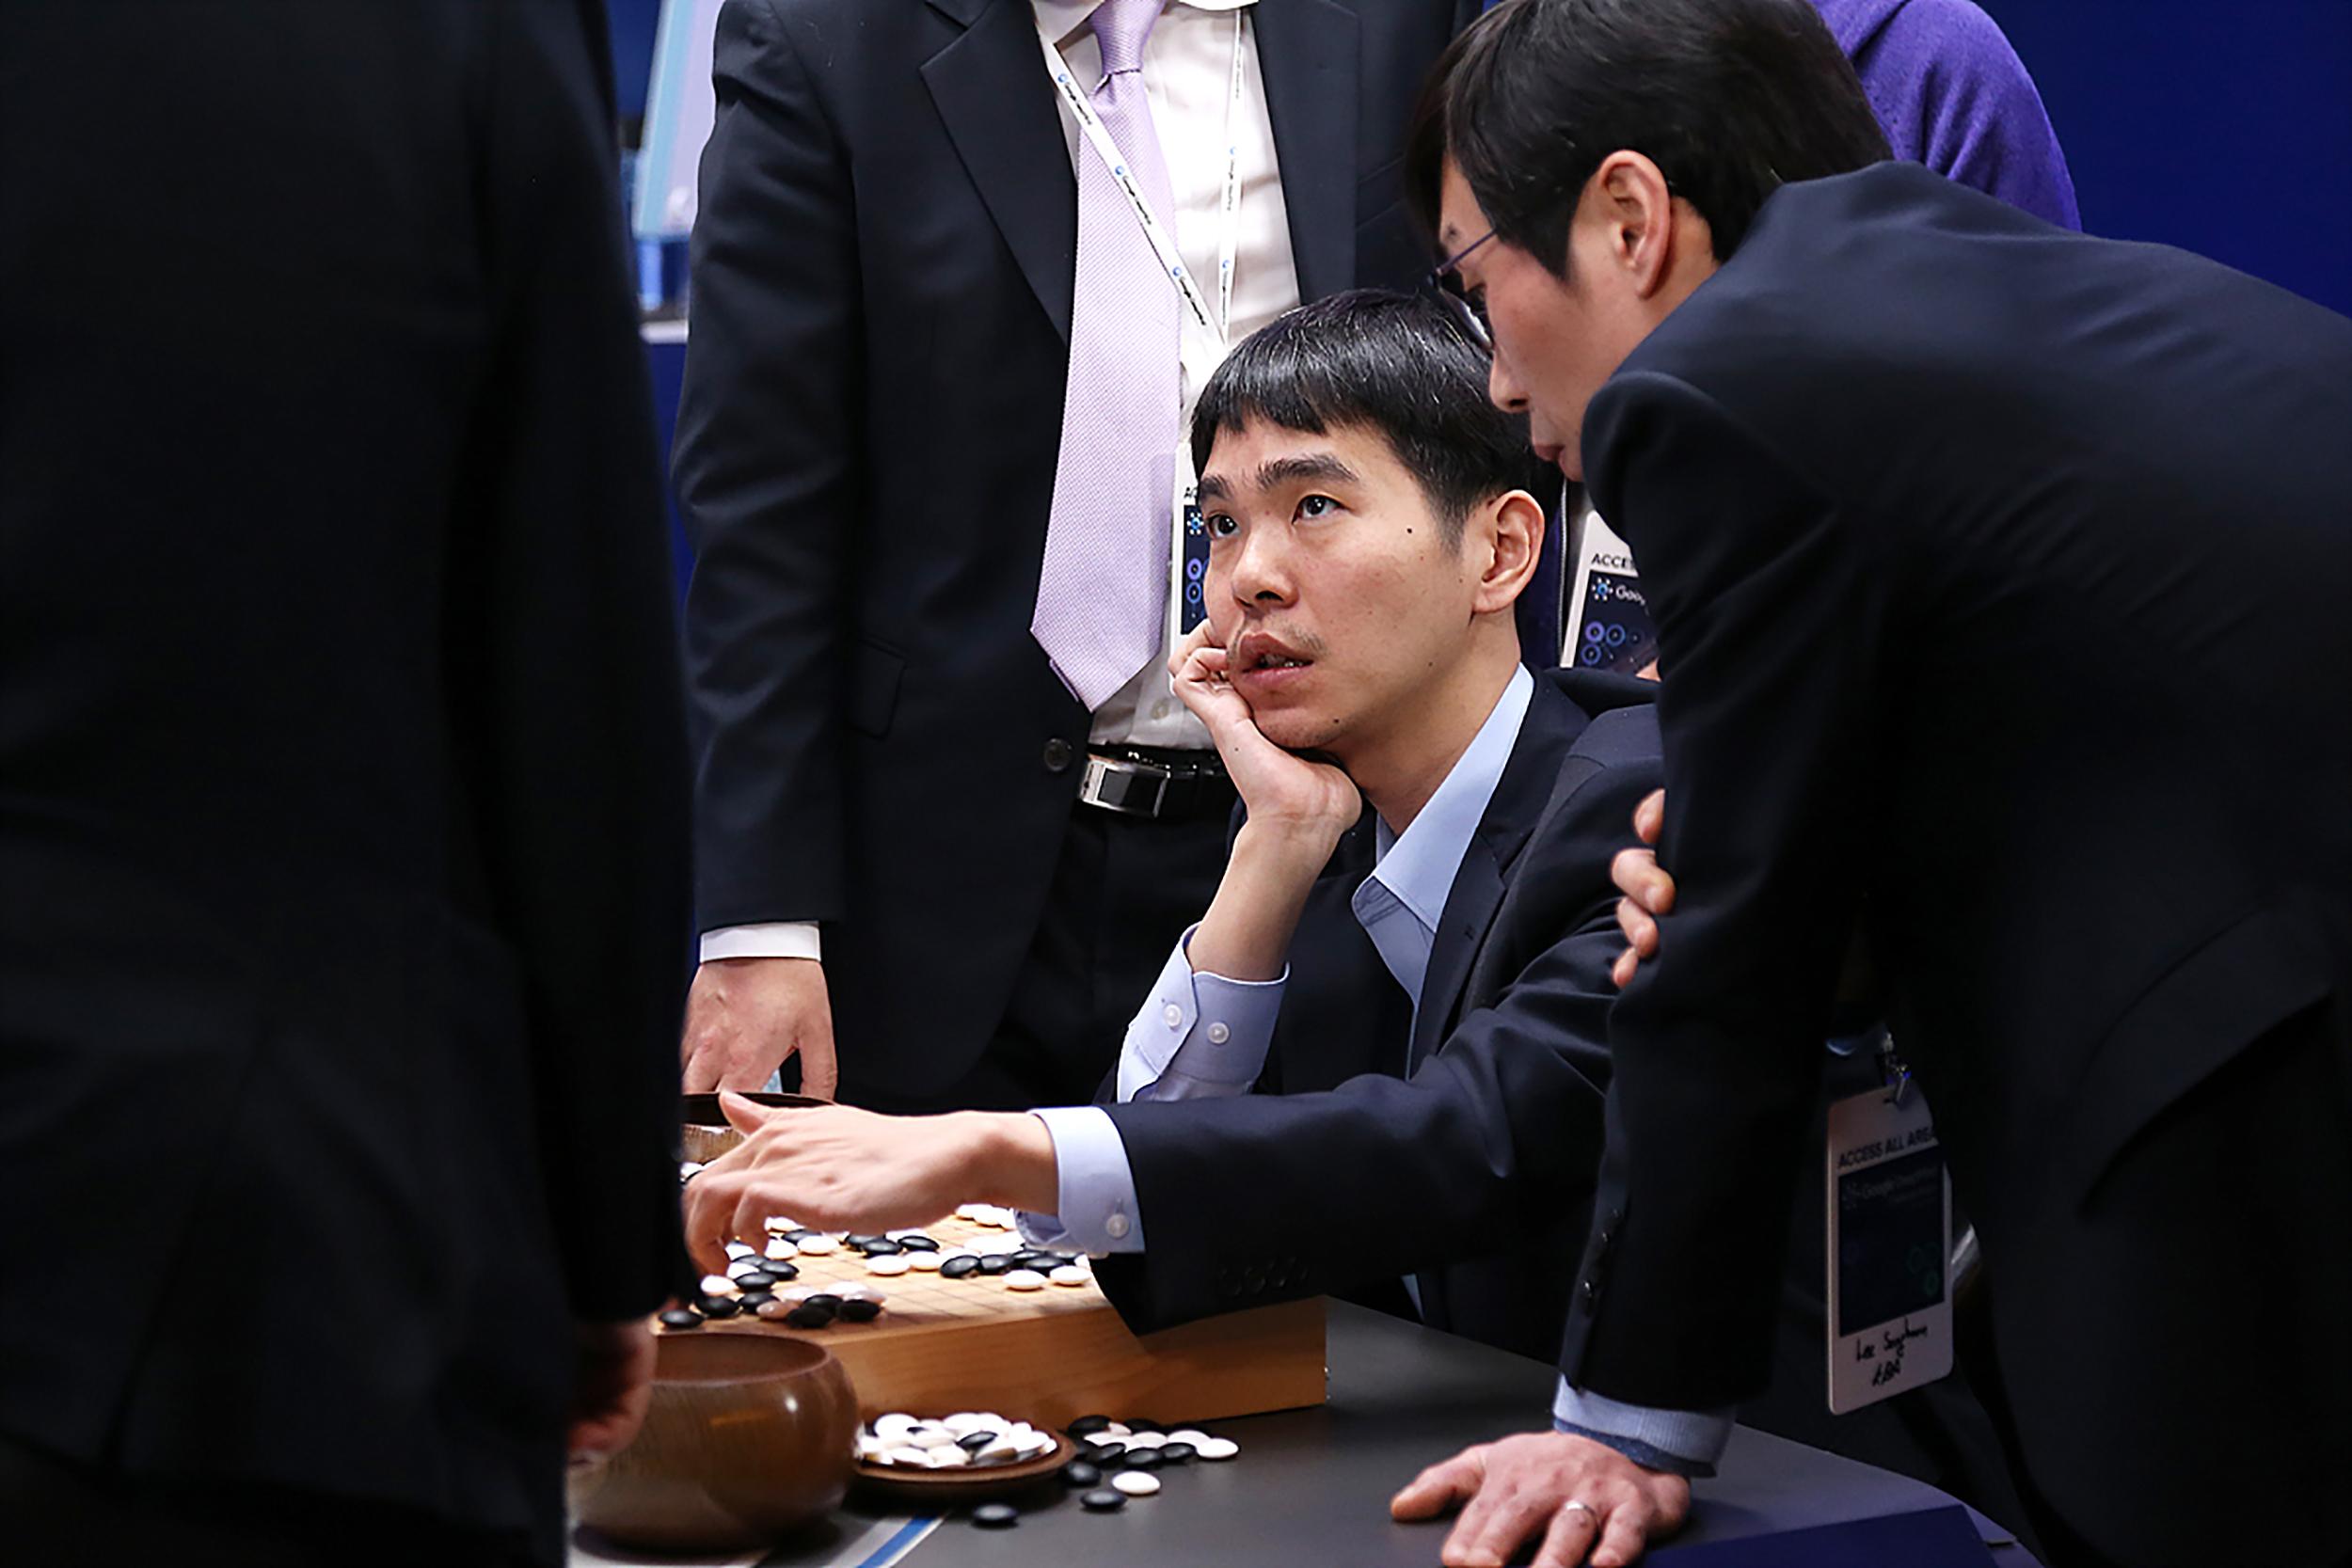 Visszavonul a Go koreai mestere, mert nem tudja feldolgozni, hogy a mesterséges intelligencia jobb nála